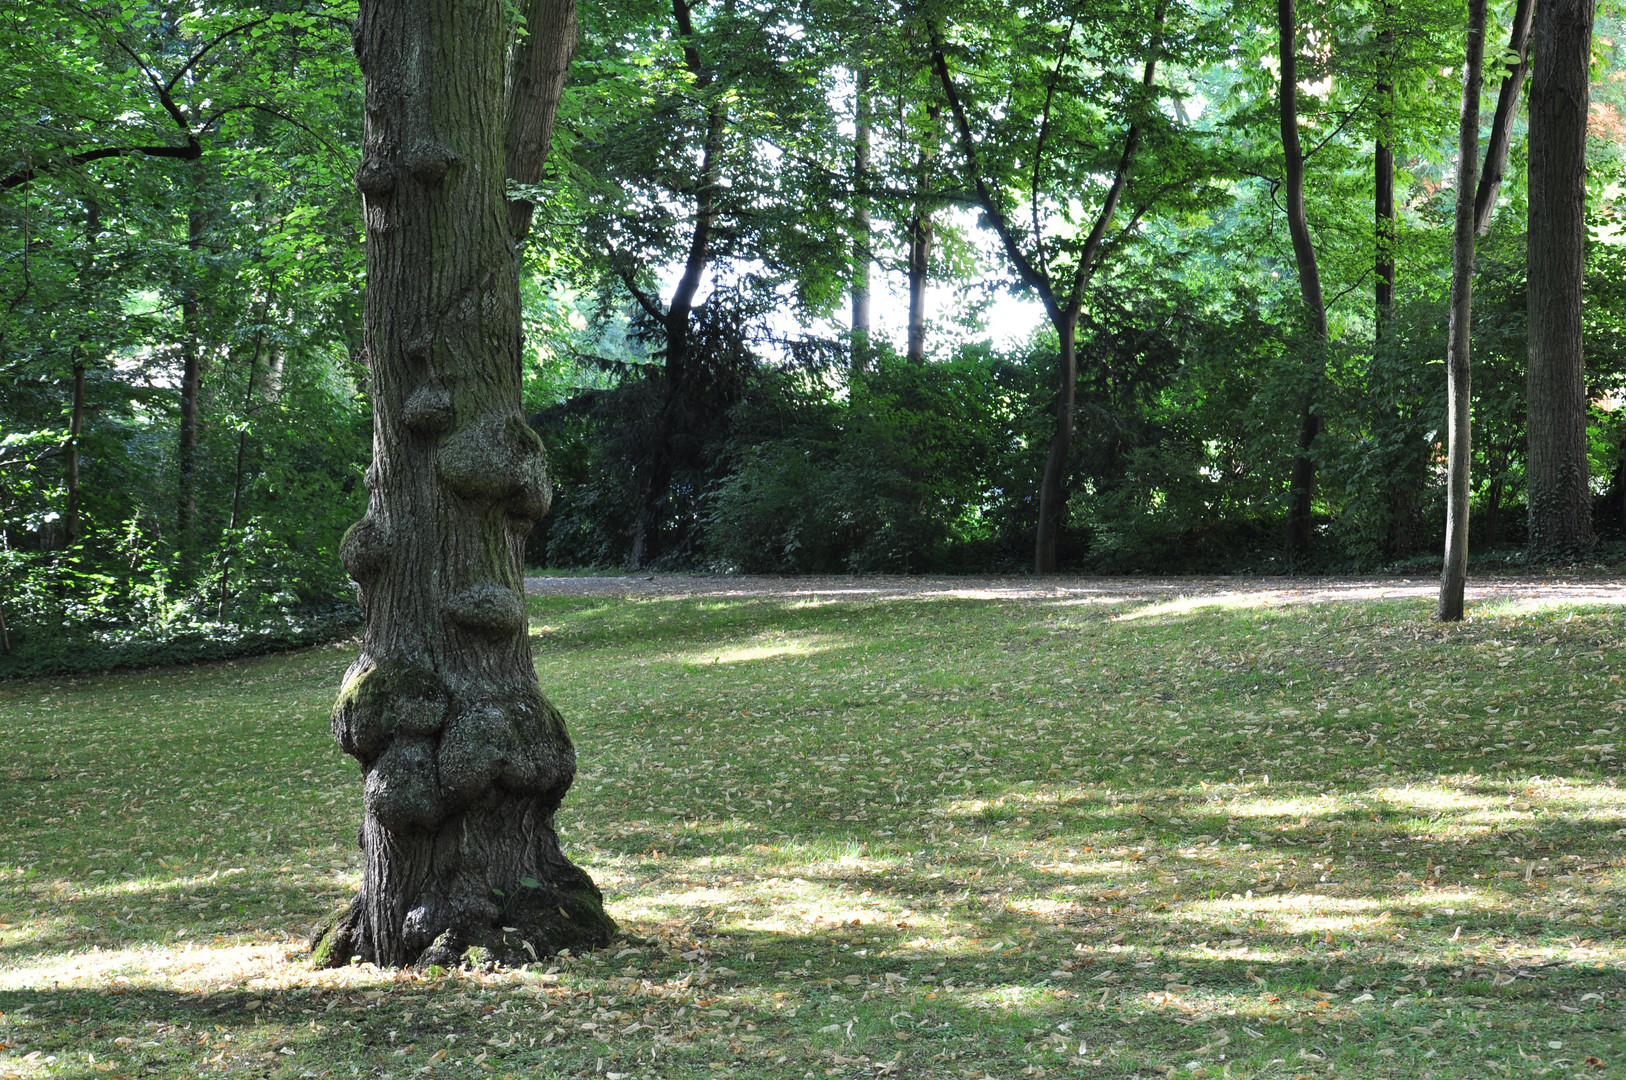 Spaziergang im Park, ungewöhnlicher Baum